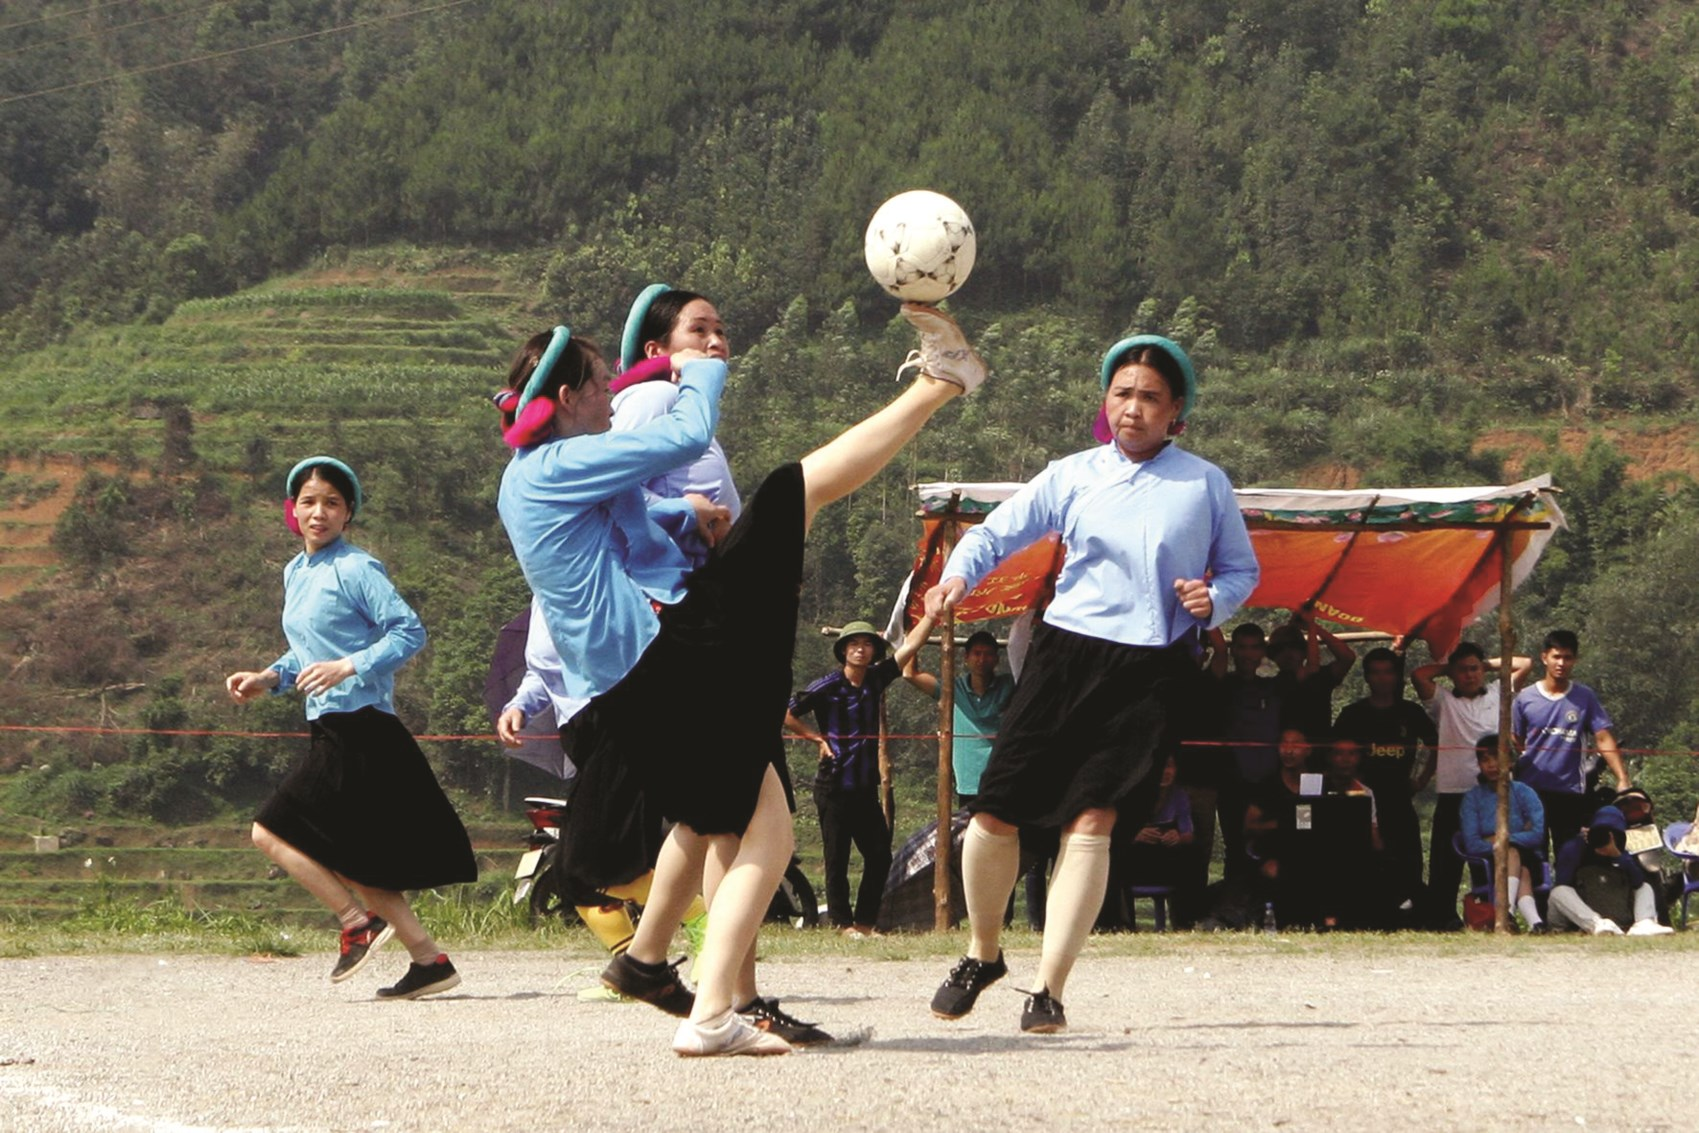 Tác phẩm: Đội bóng đá nữ dân tộc Sán Chỉ - Bình Liêu (Quảng Ninh). Đây là trận đấu giữa các đội bóng nữ dân tộc Sán Chỉ mừng Xuân năm mới 2019